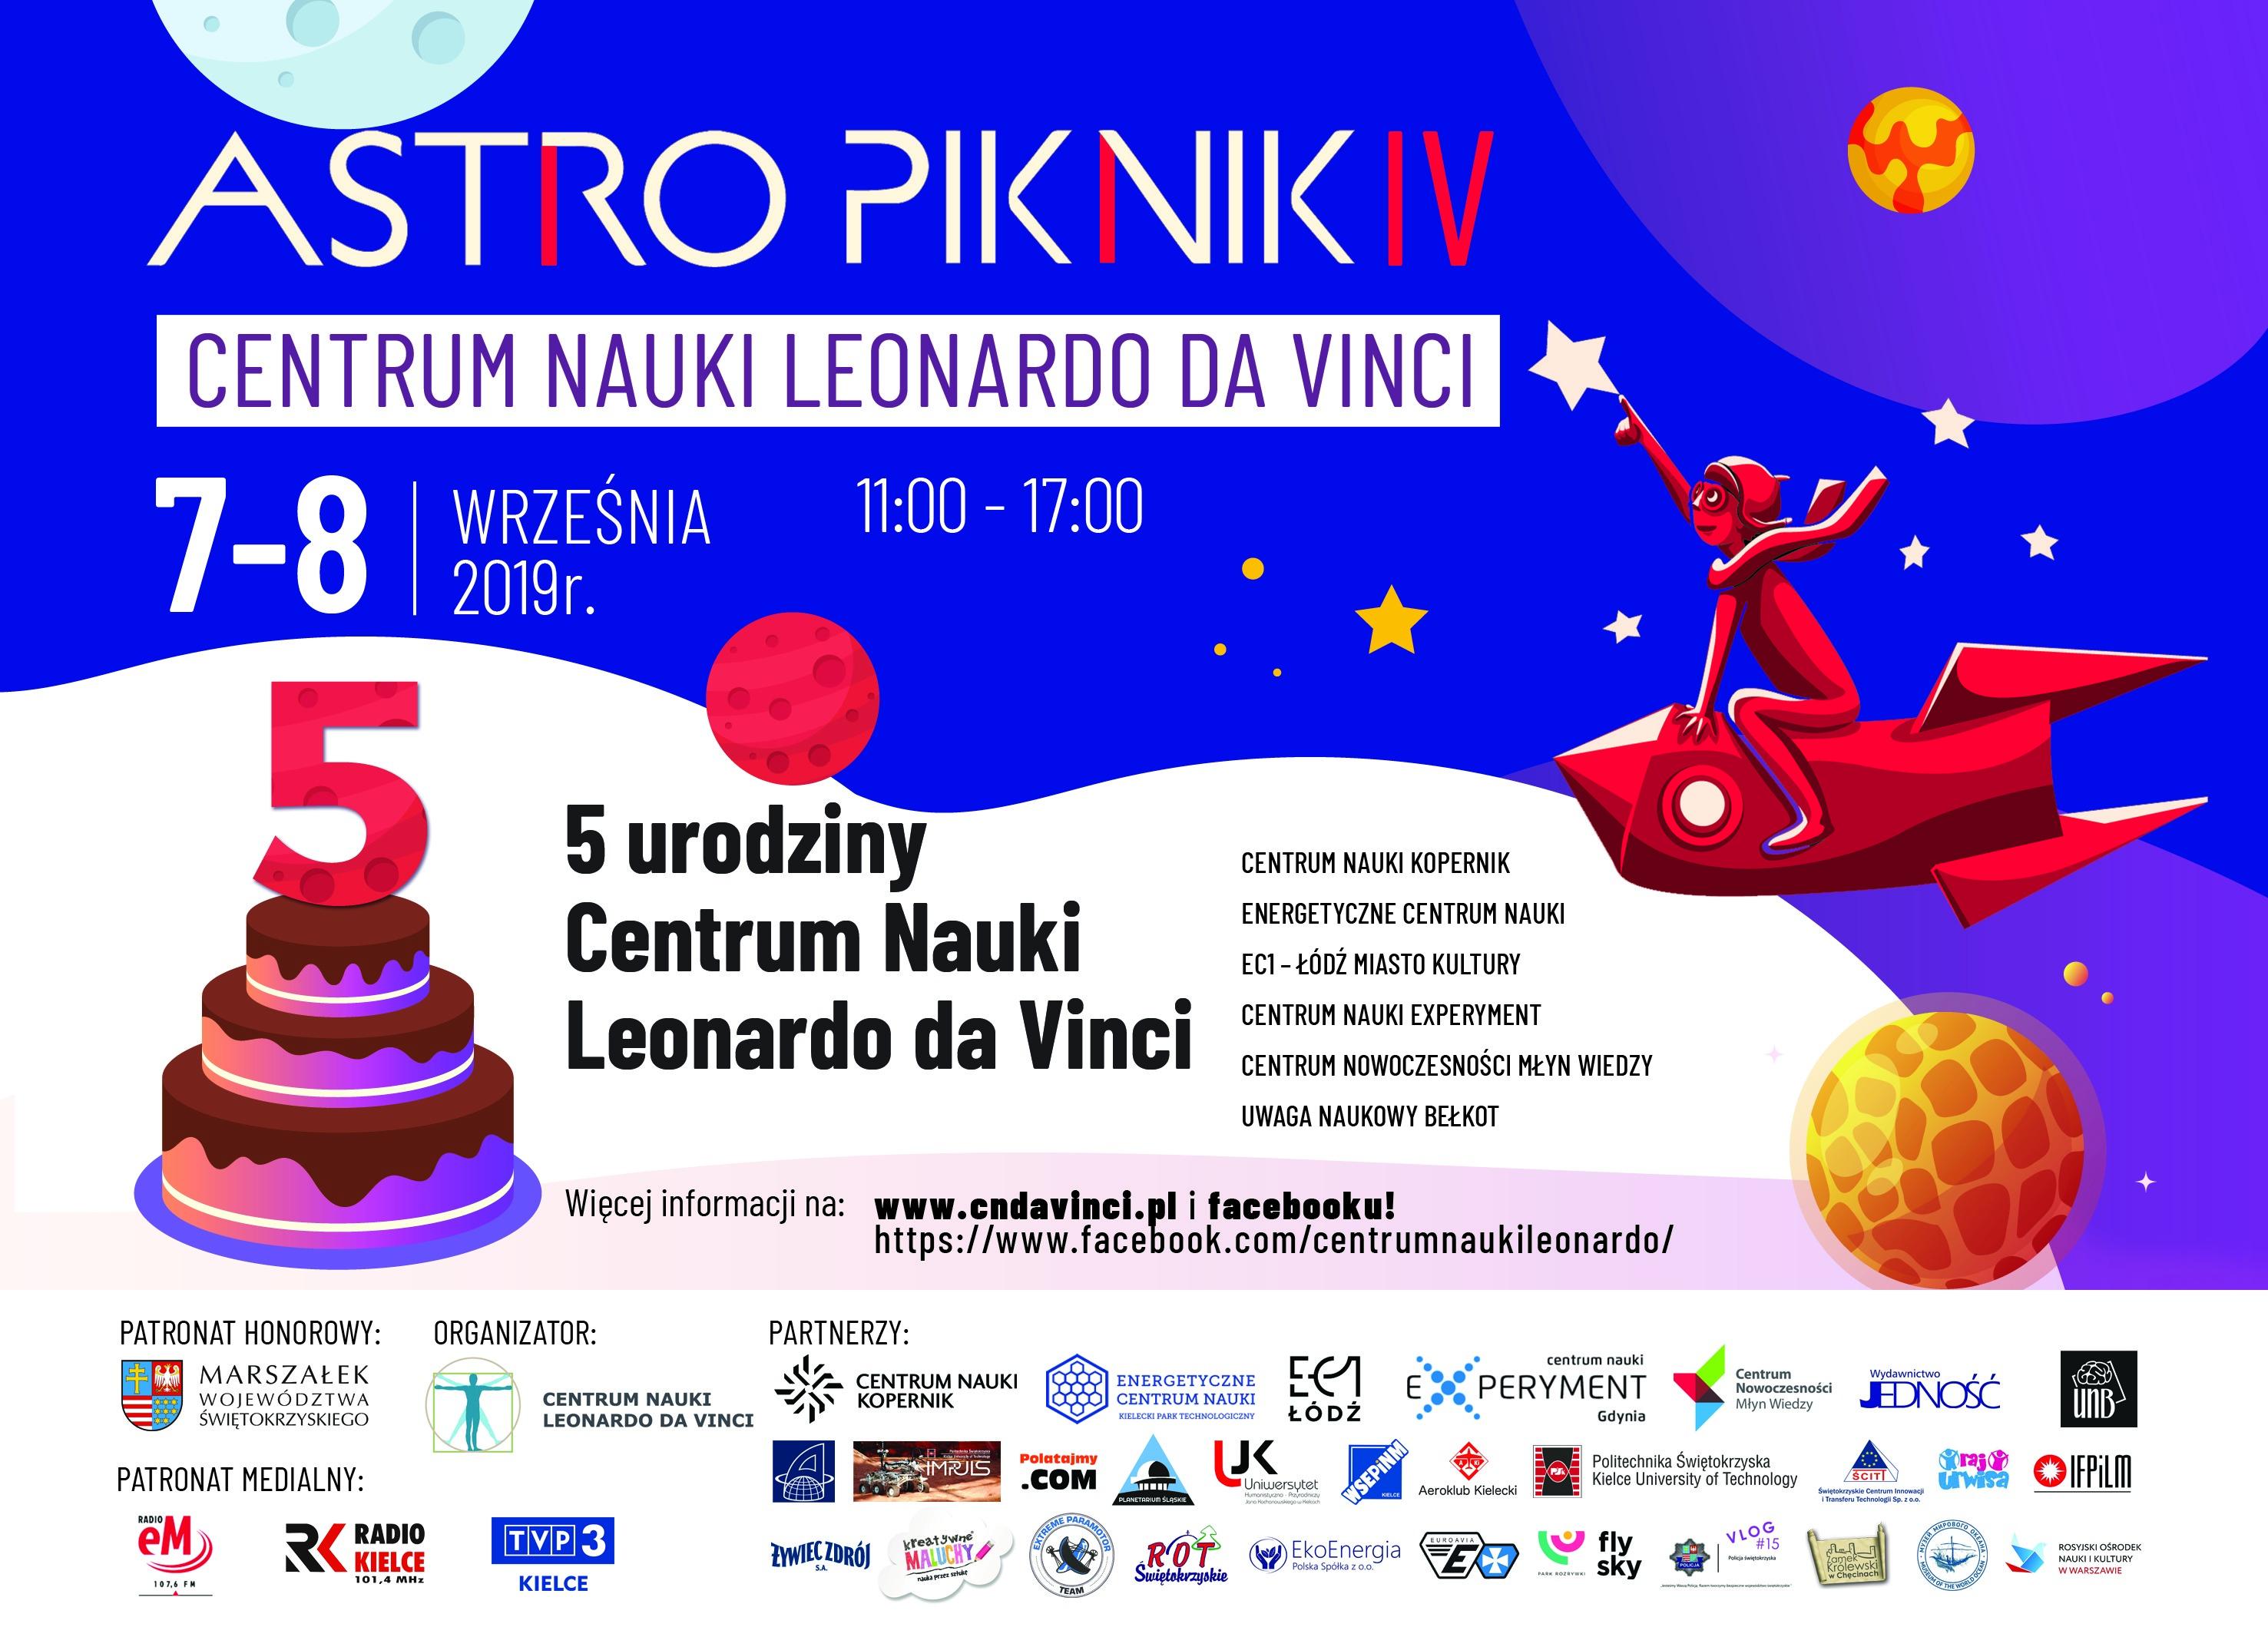 astro-piknik_cld_1_druk.jpg